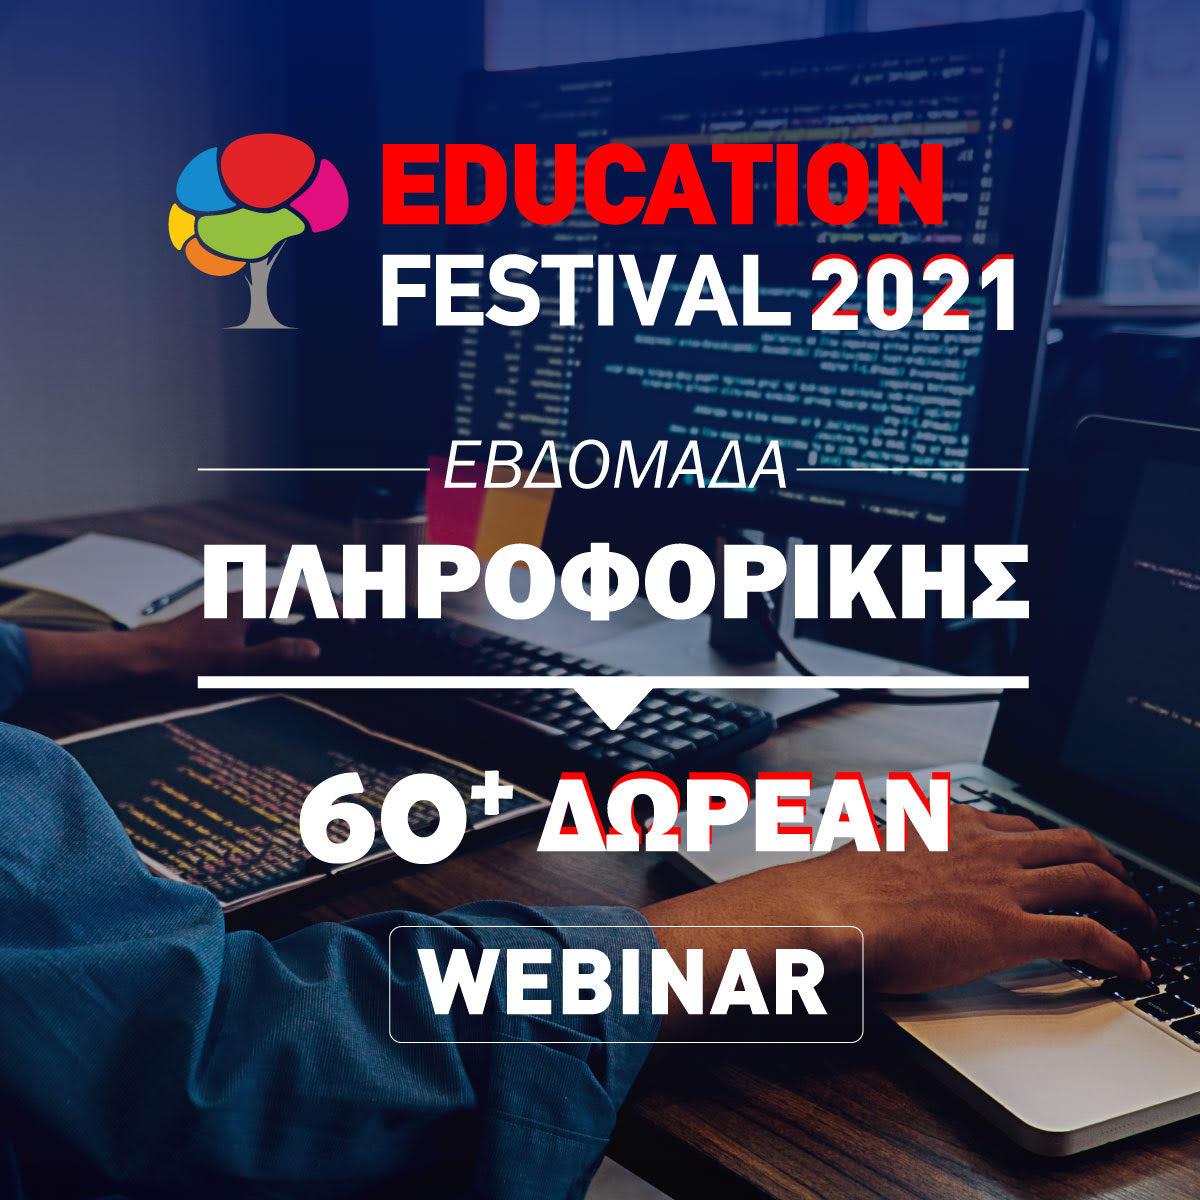 13ο EDUCATION FESTIVAL: Πάτα... «enter» στα δωρεάν webinars της Εβδομάδας Πληροφορικής από τα ΙΕΚ ΑΛΦΑ & το MEDITERRANEAN COLLEGE